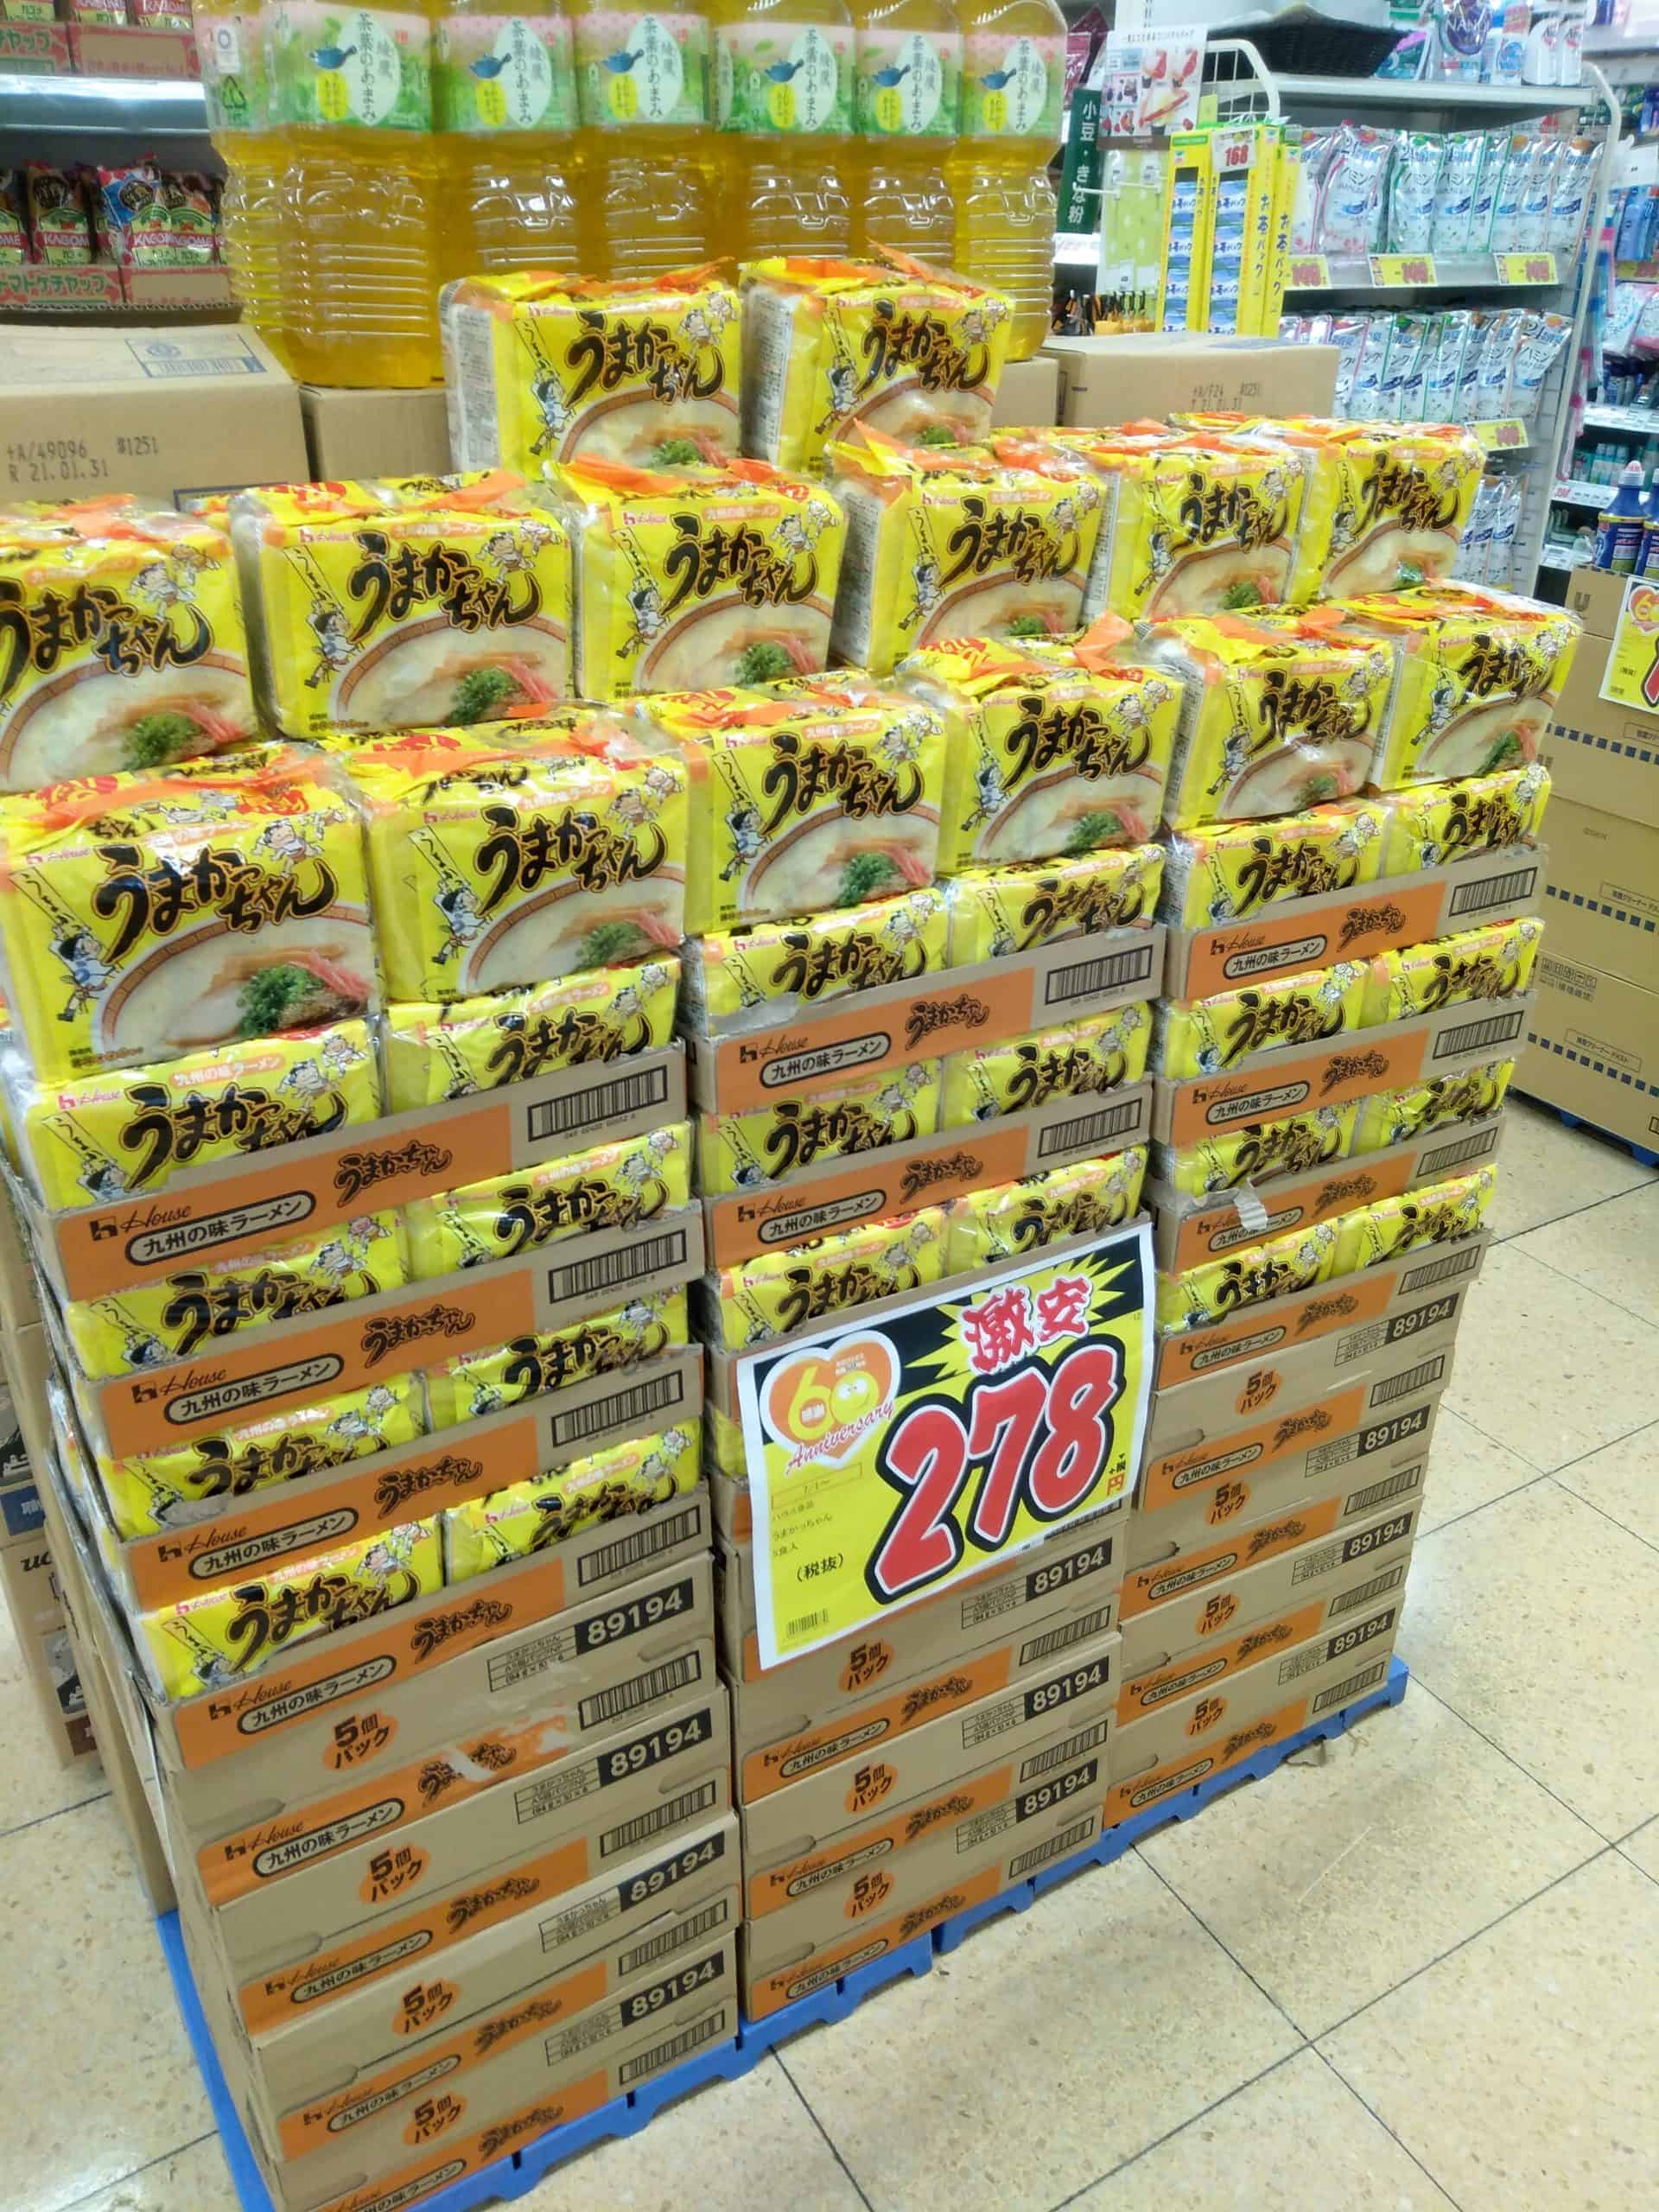 俺たちのスーパー「タイヨー」が60周年!うまかっちゃんが爆安だぞ!